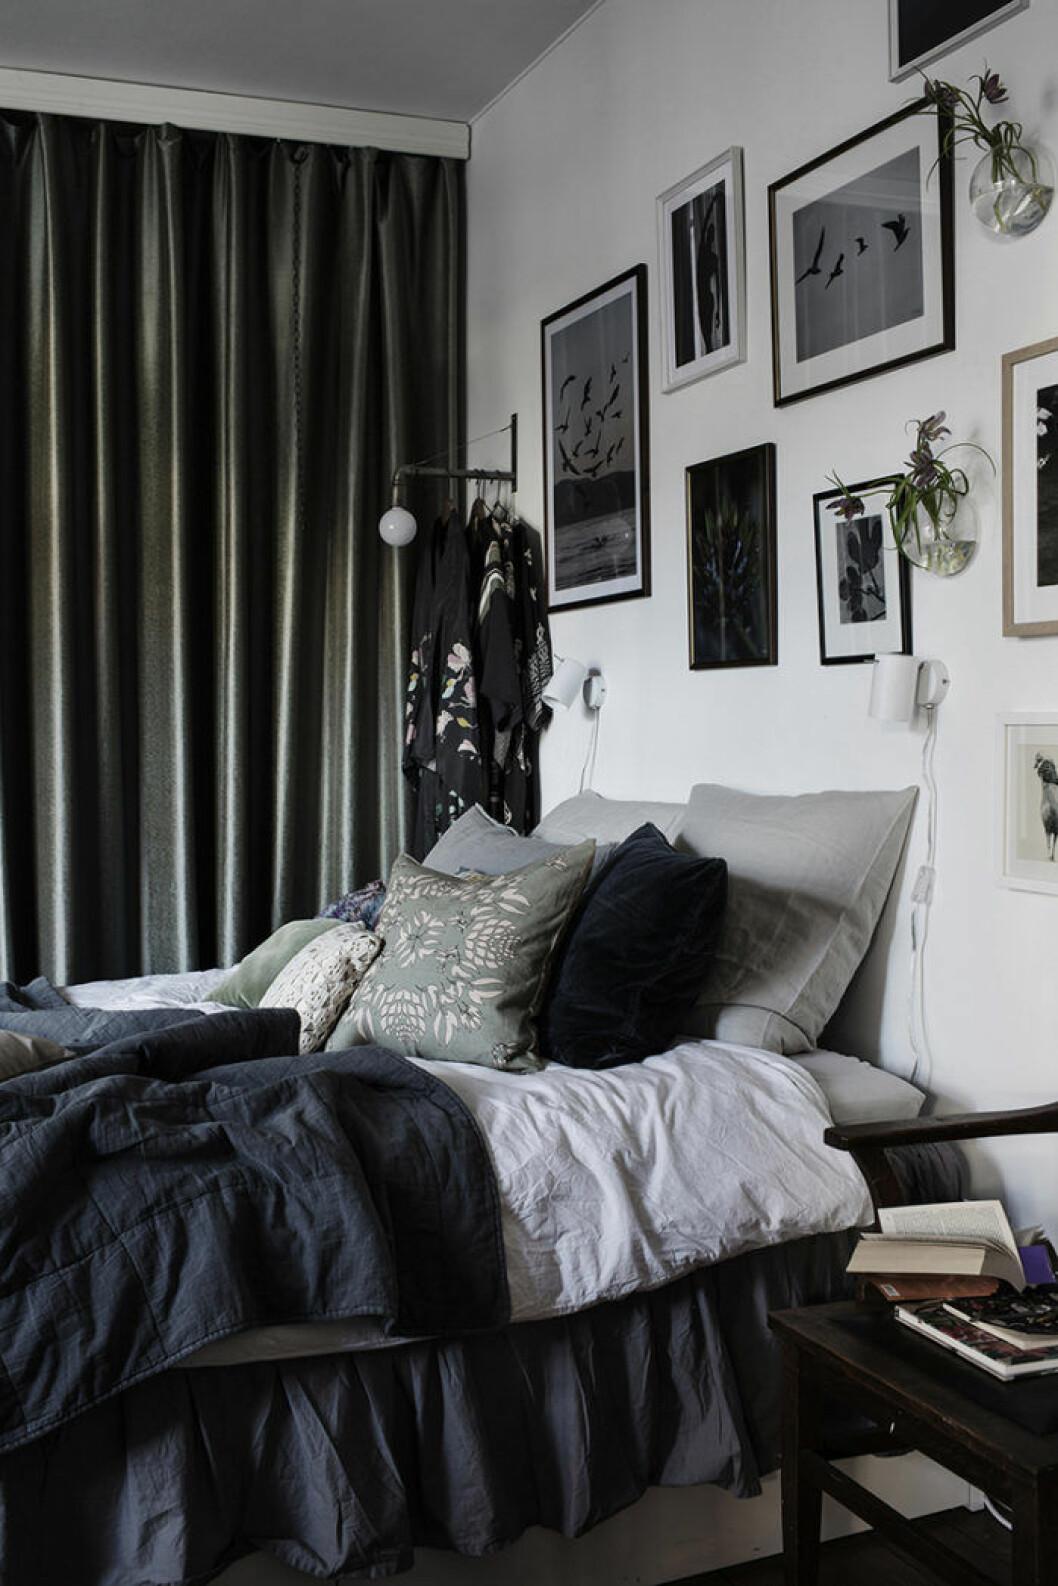 Säng bäddad med linnelakan